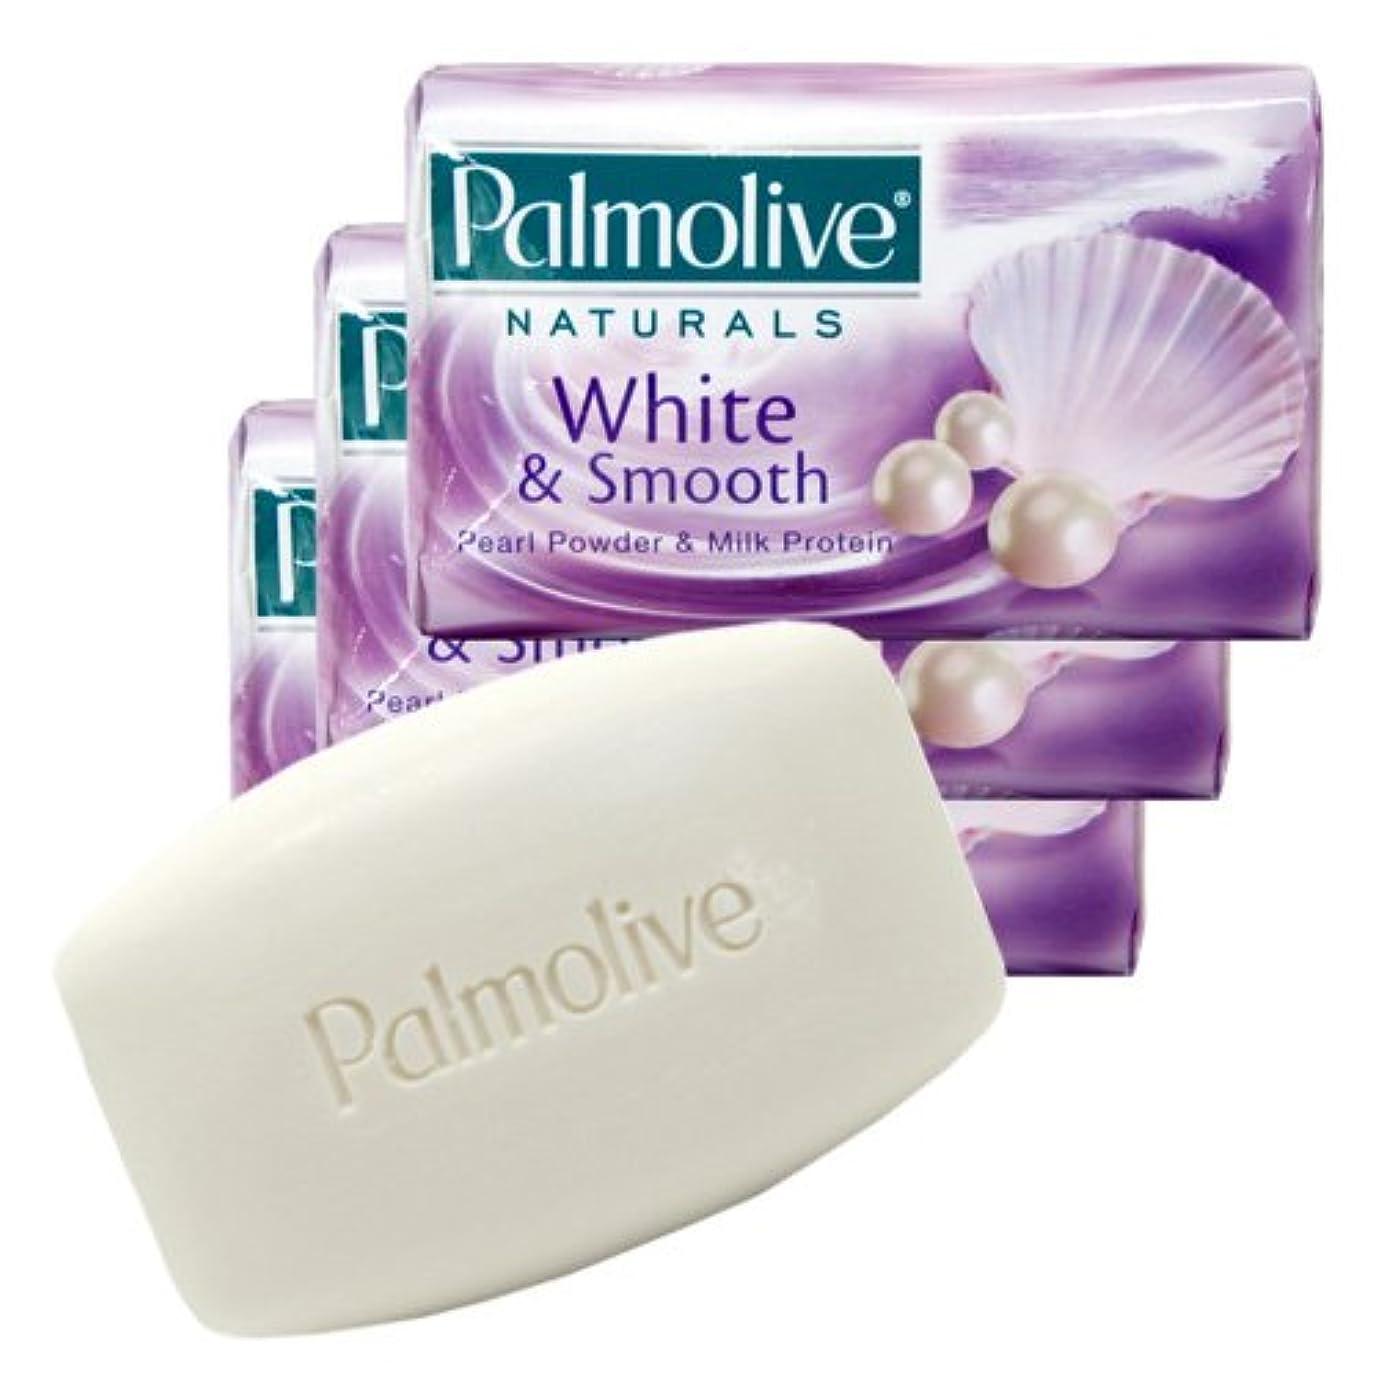 特異性スクレーパー再編成する【Palmolive】パルモリーブ ナチュラルズ石鹸3個パック ホワイト&スムース(パールパウダー&ミルクプロテイン)80g×3